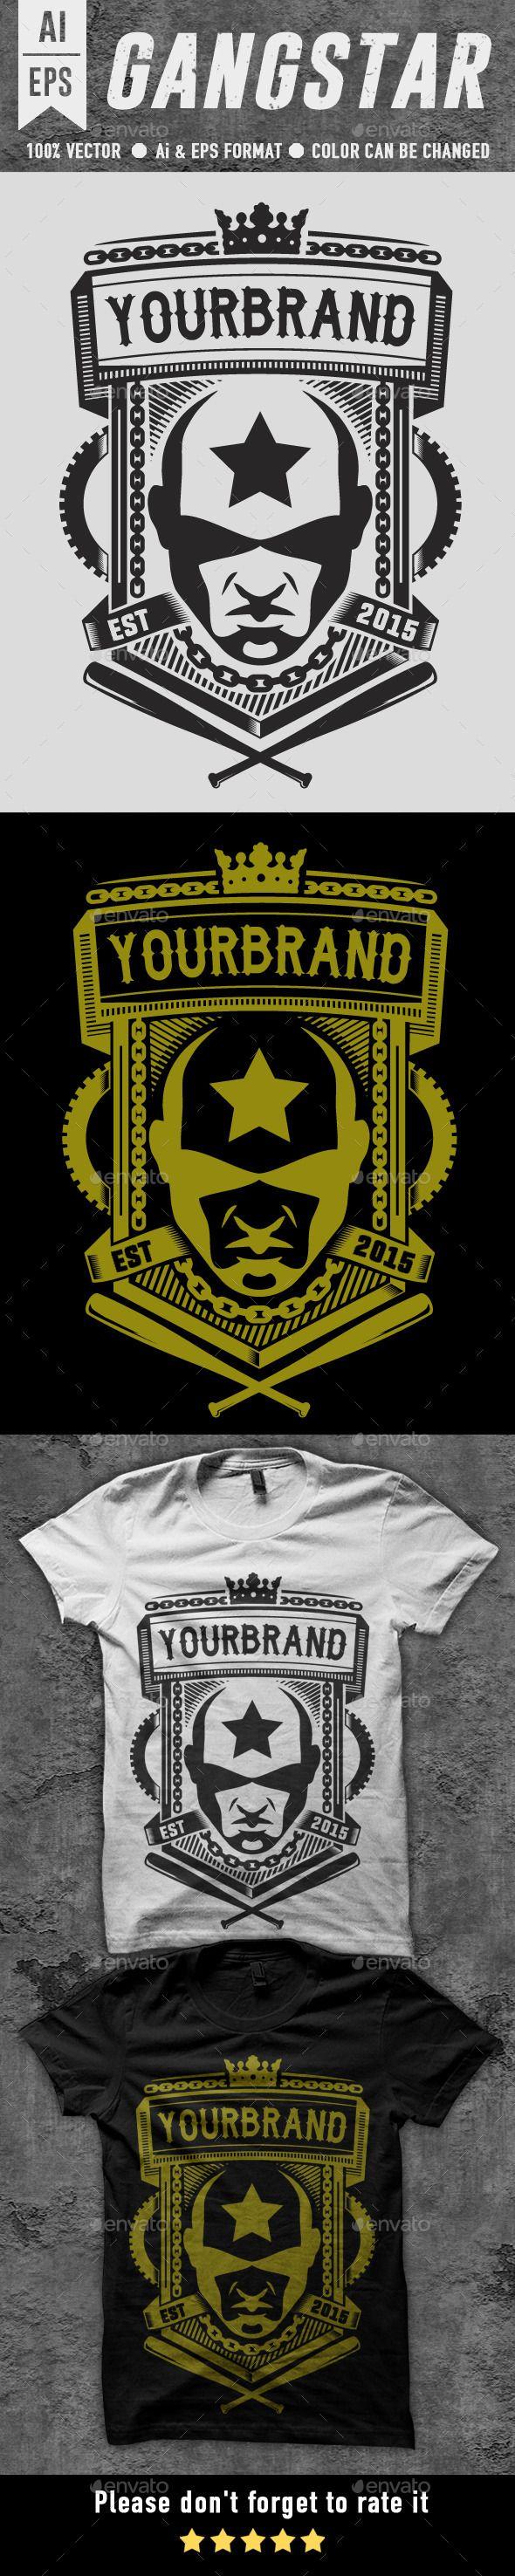 Design t shirt online template - Gangstar T Shirt Design